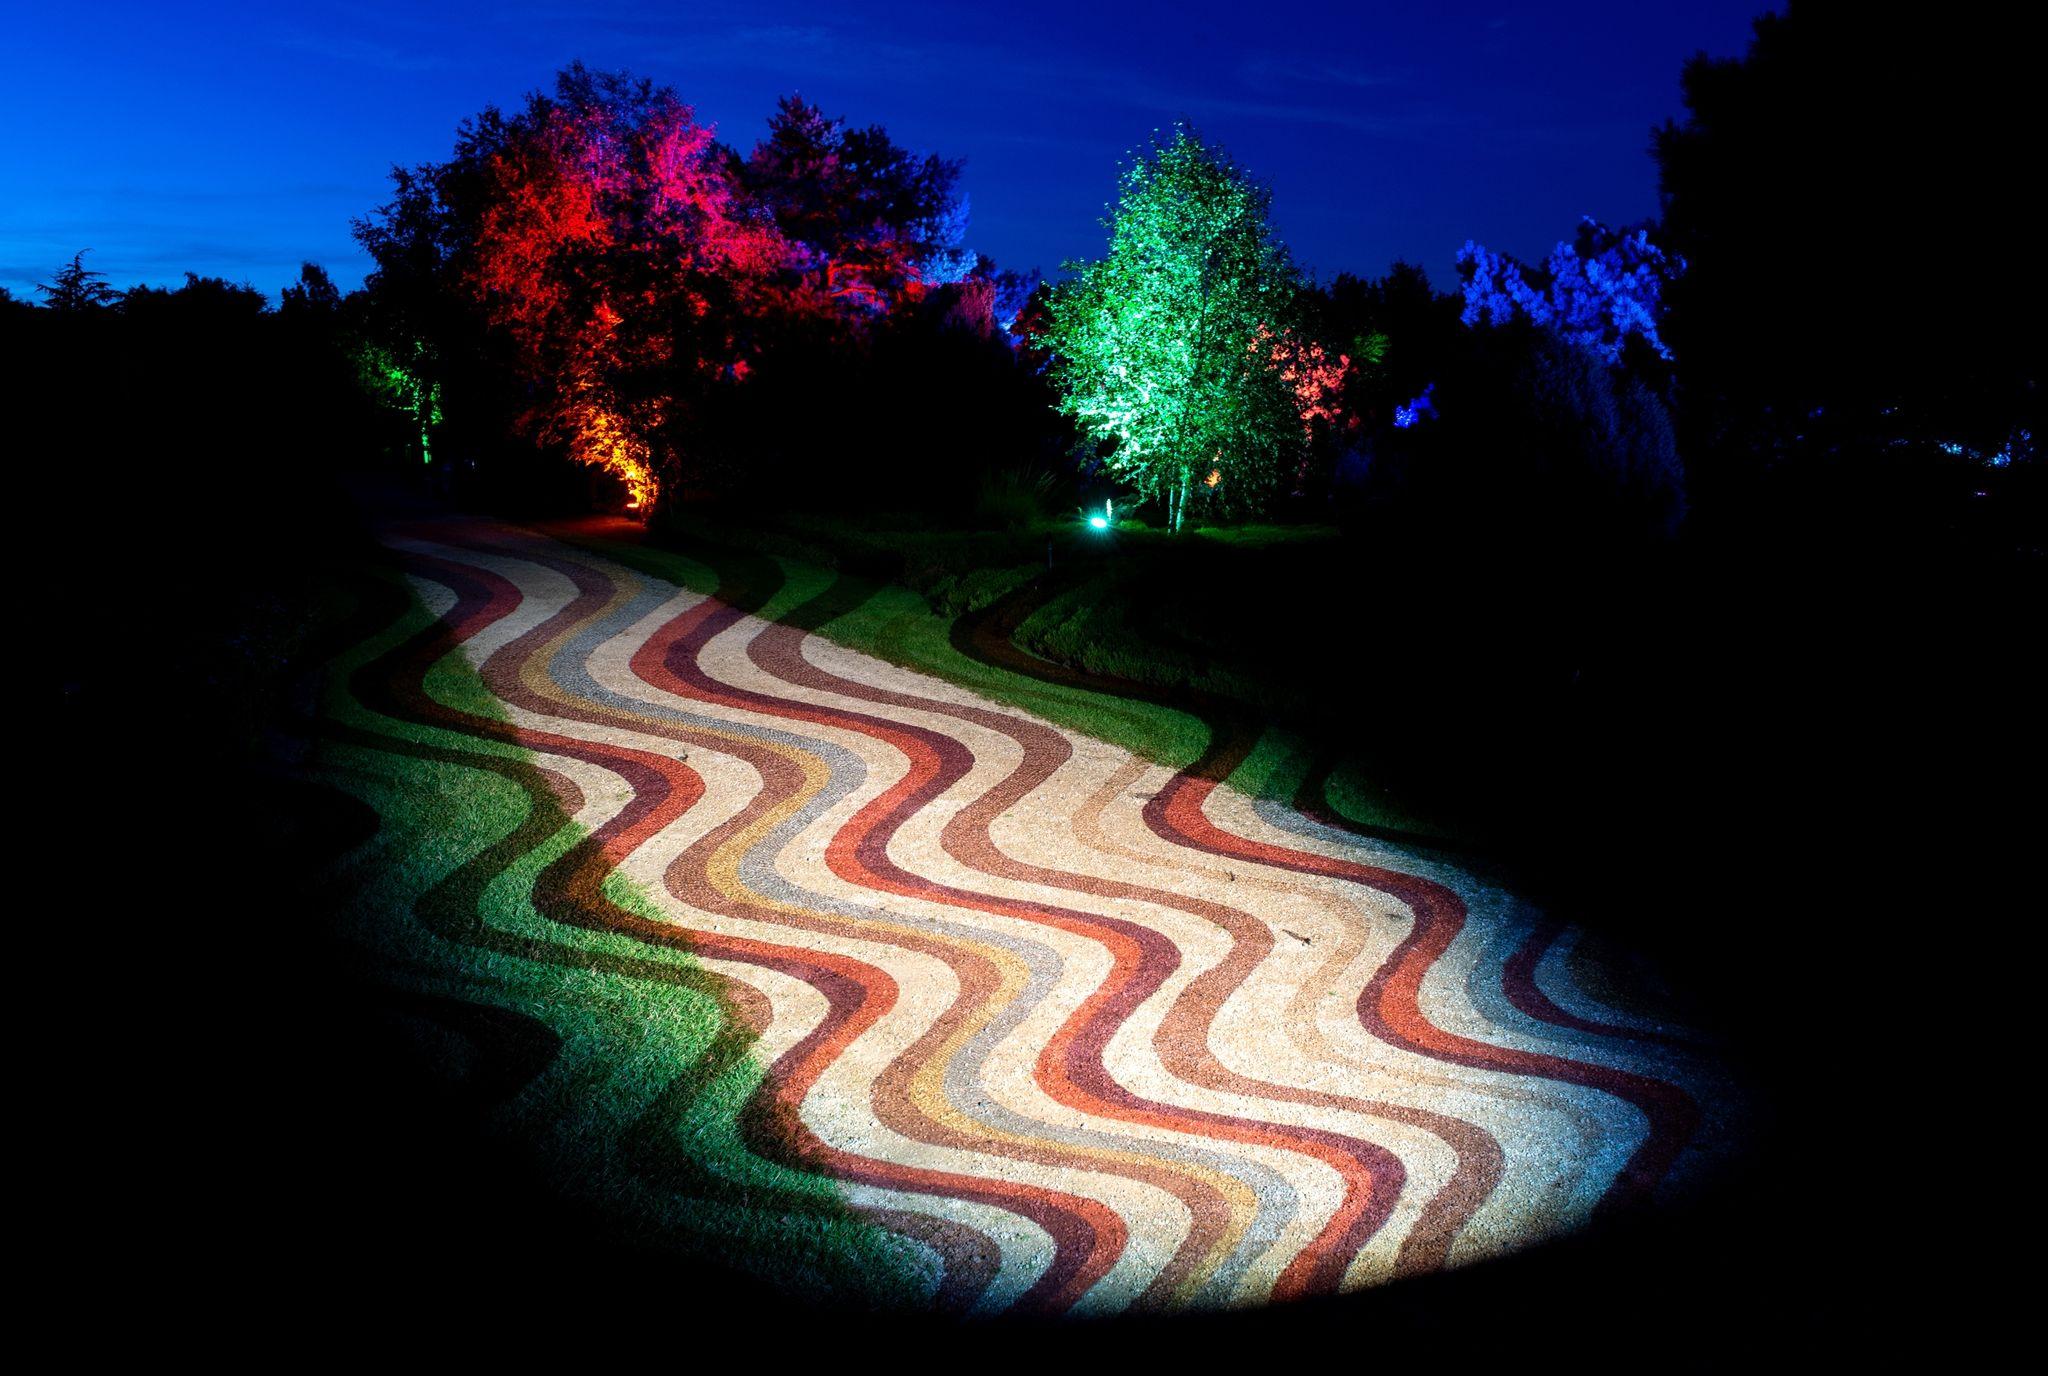 Wellenförmige Strukturen werden im Park der Gärten auf einen Weg projiziert. Foto: Hauke-Christian Dittrich / dpa